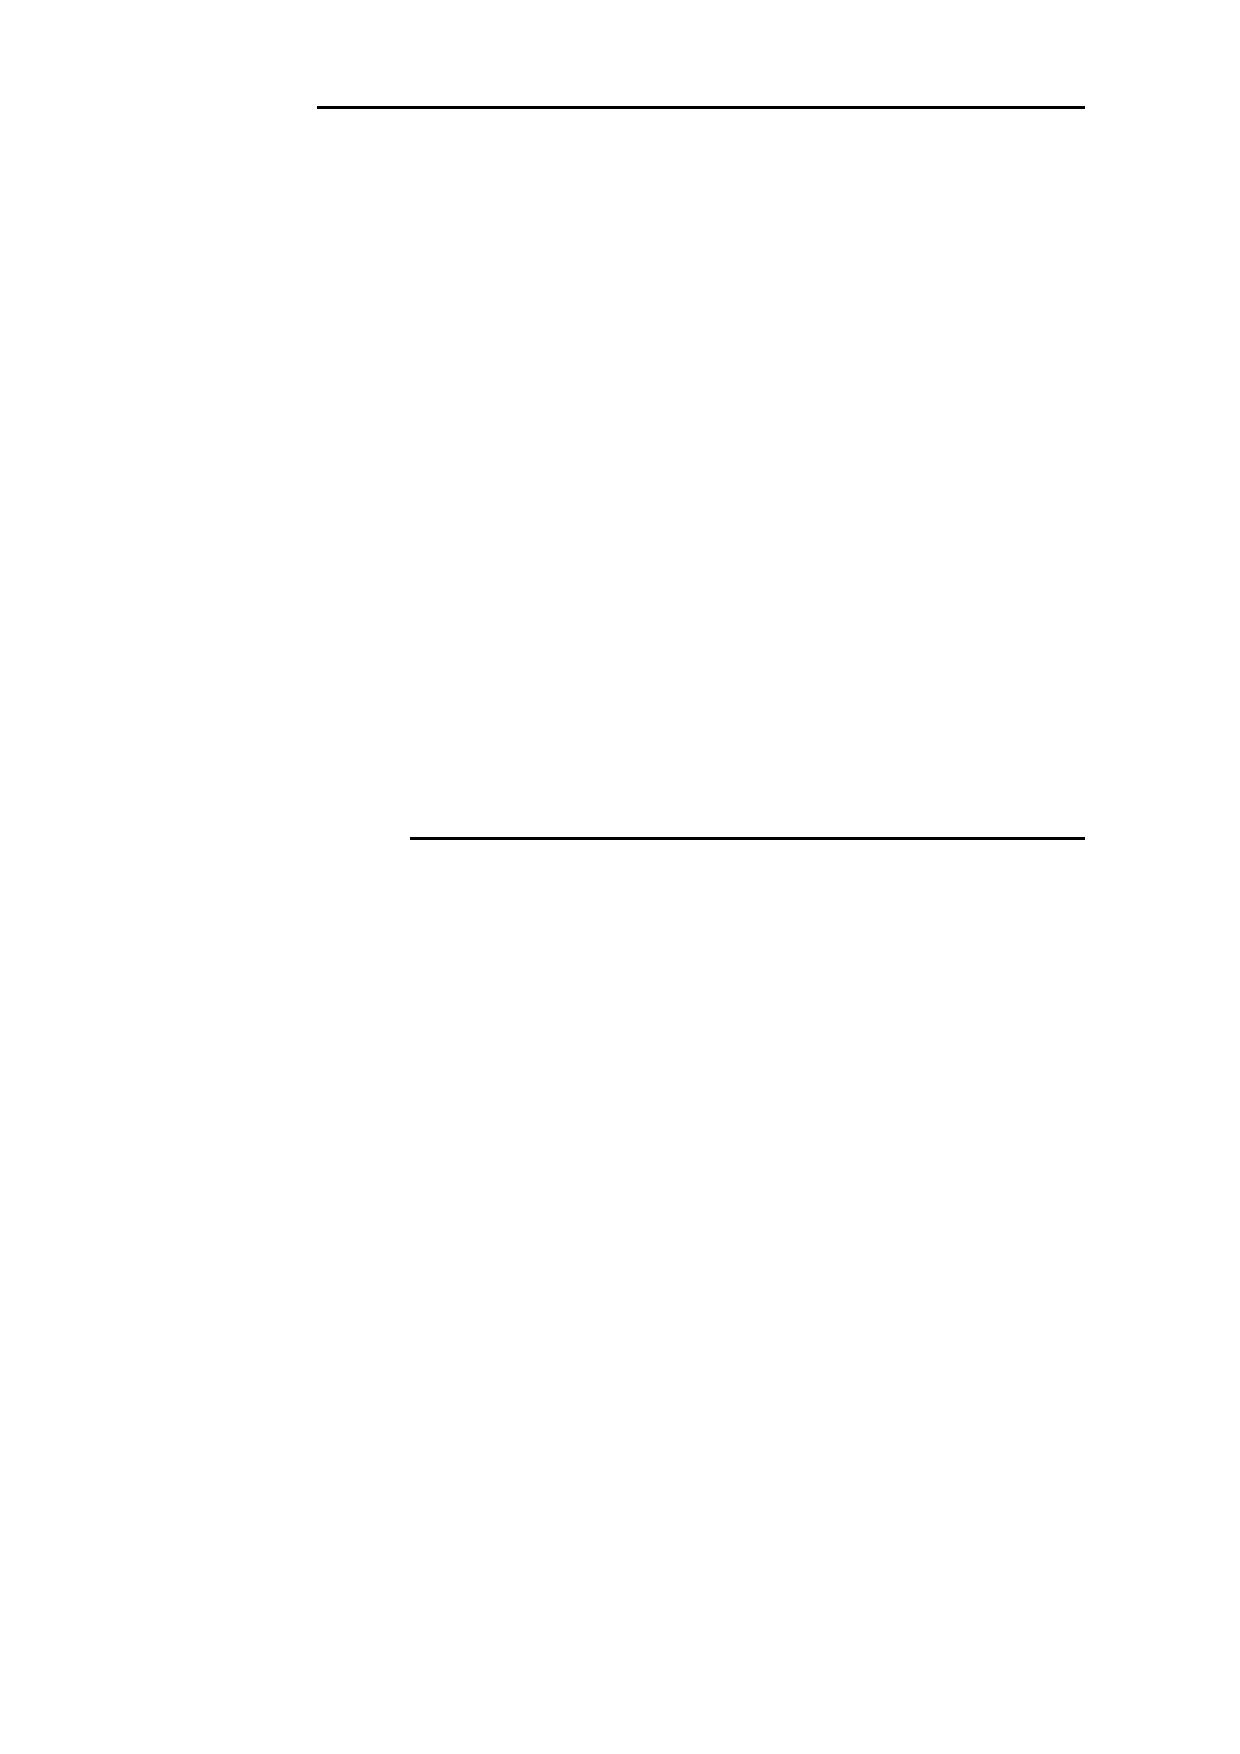 HQ-0811 pdf, ピン配列